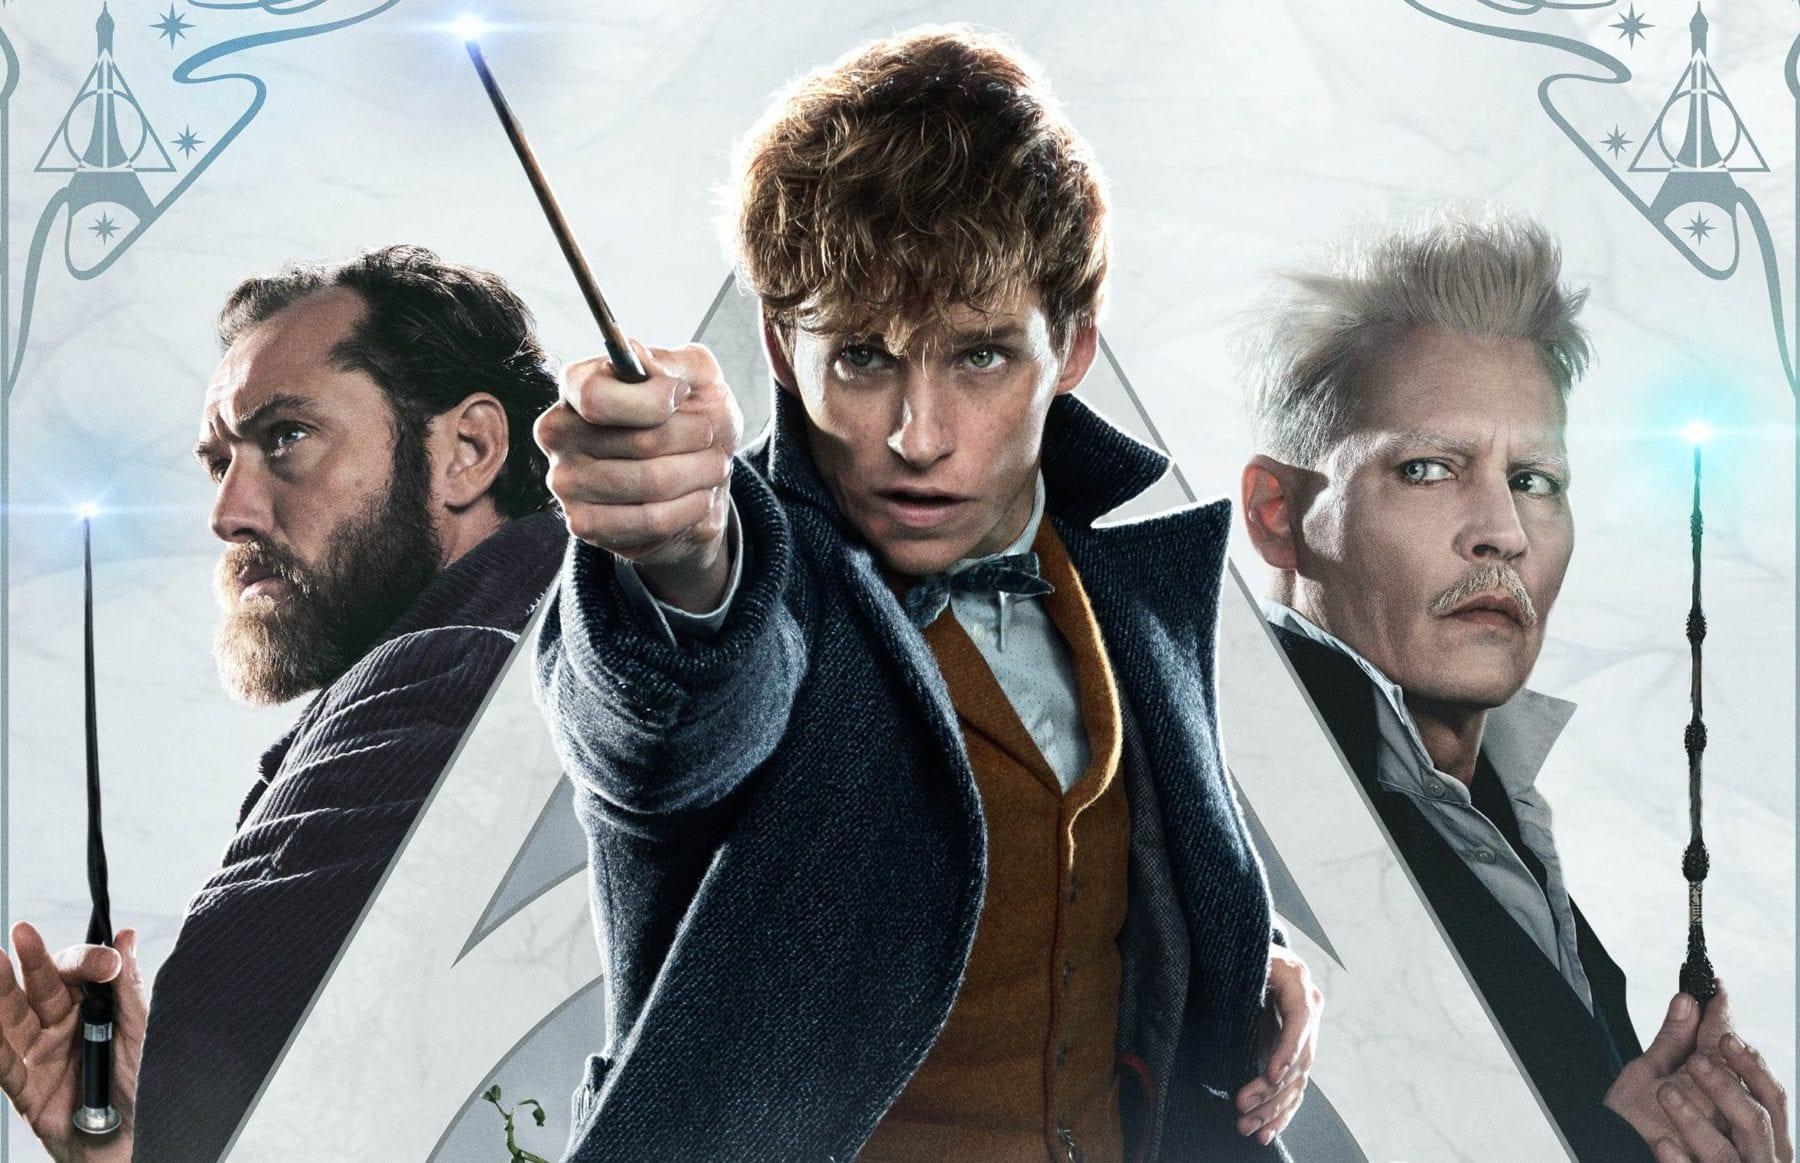 La fecha de inicio de producción de Fantastic Beasts 3 se retrasó debido a preocupaciones de coronavirus